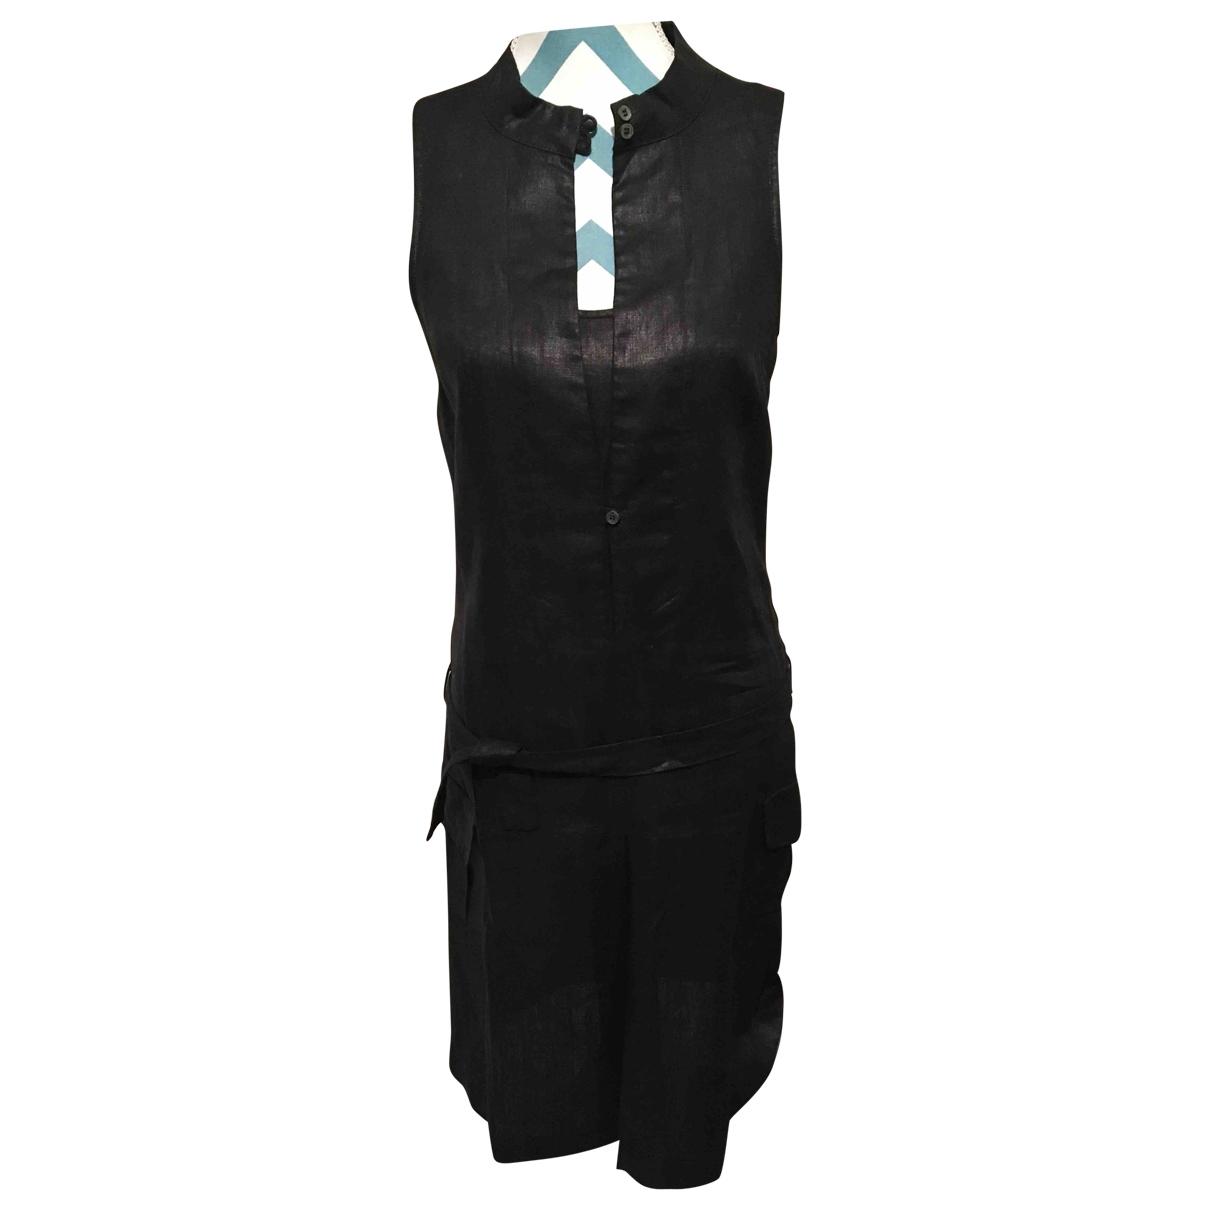 Ikks \N Black Linen dress for Women 36 FR